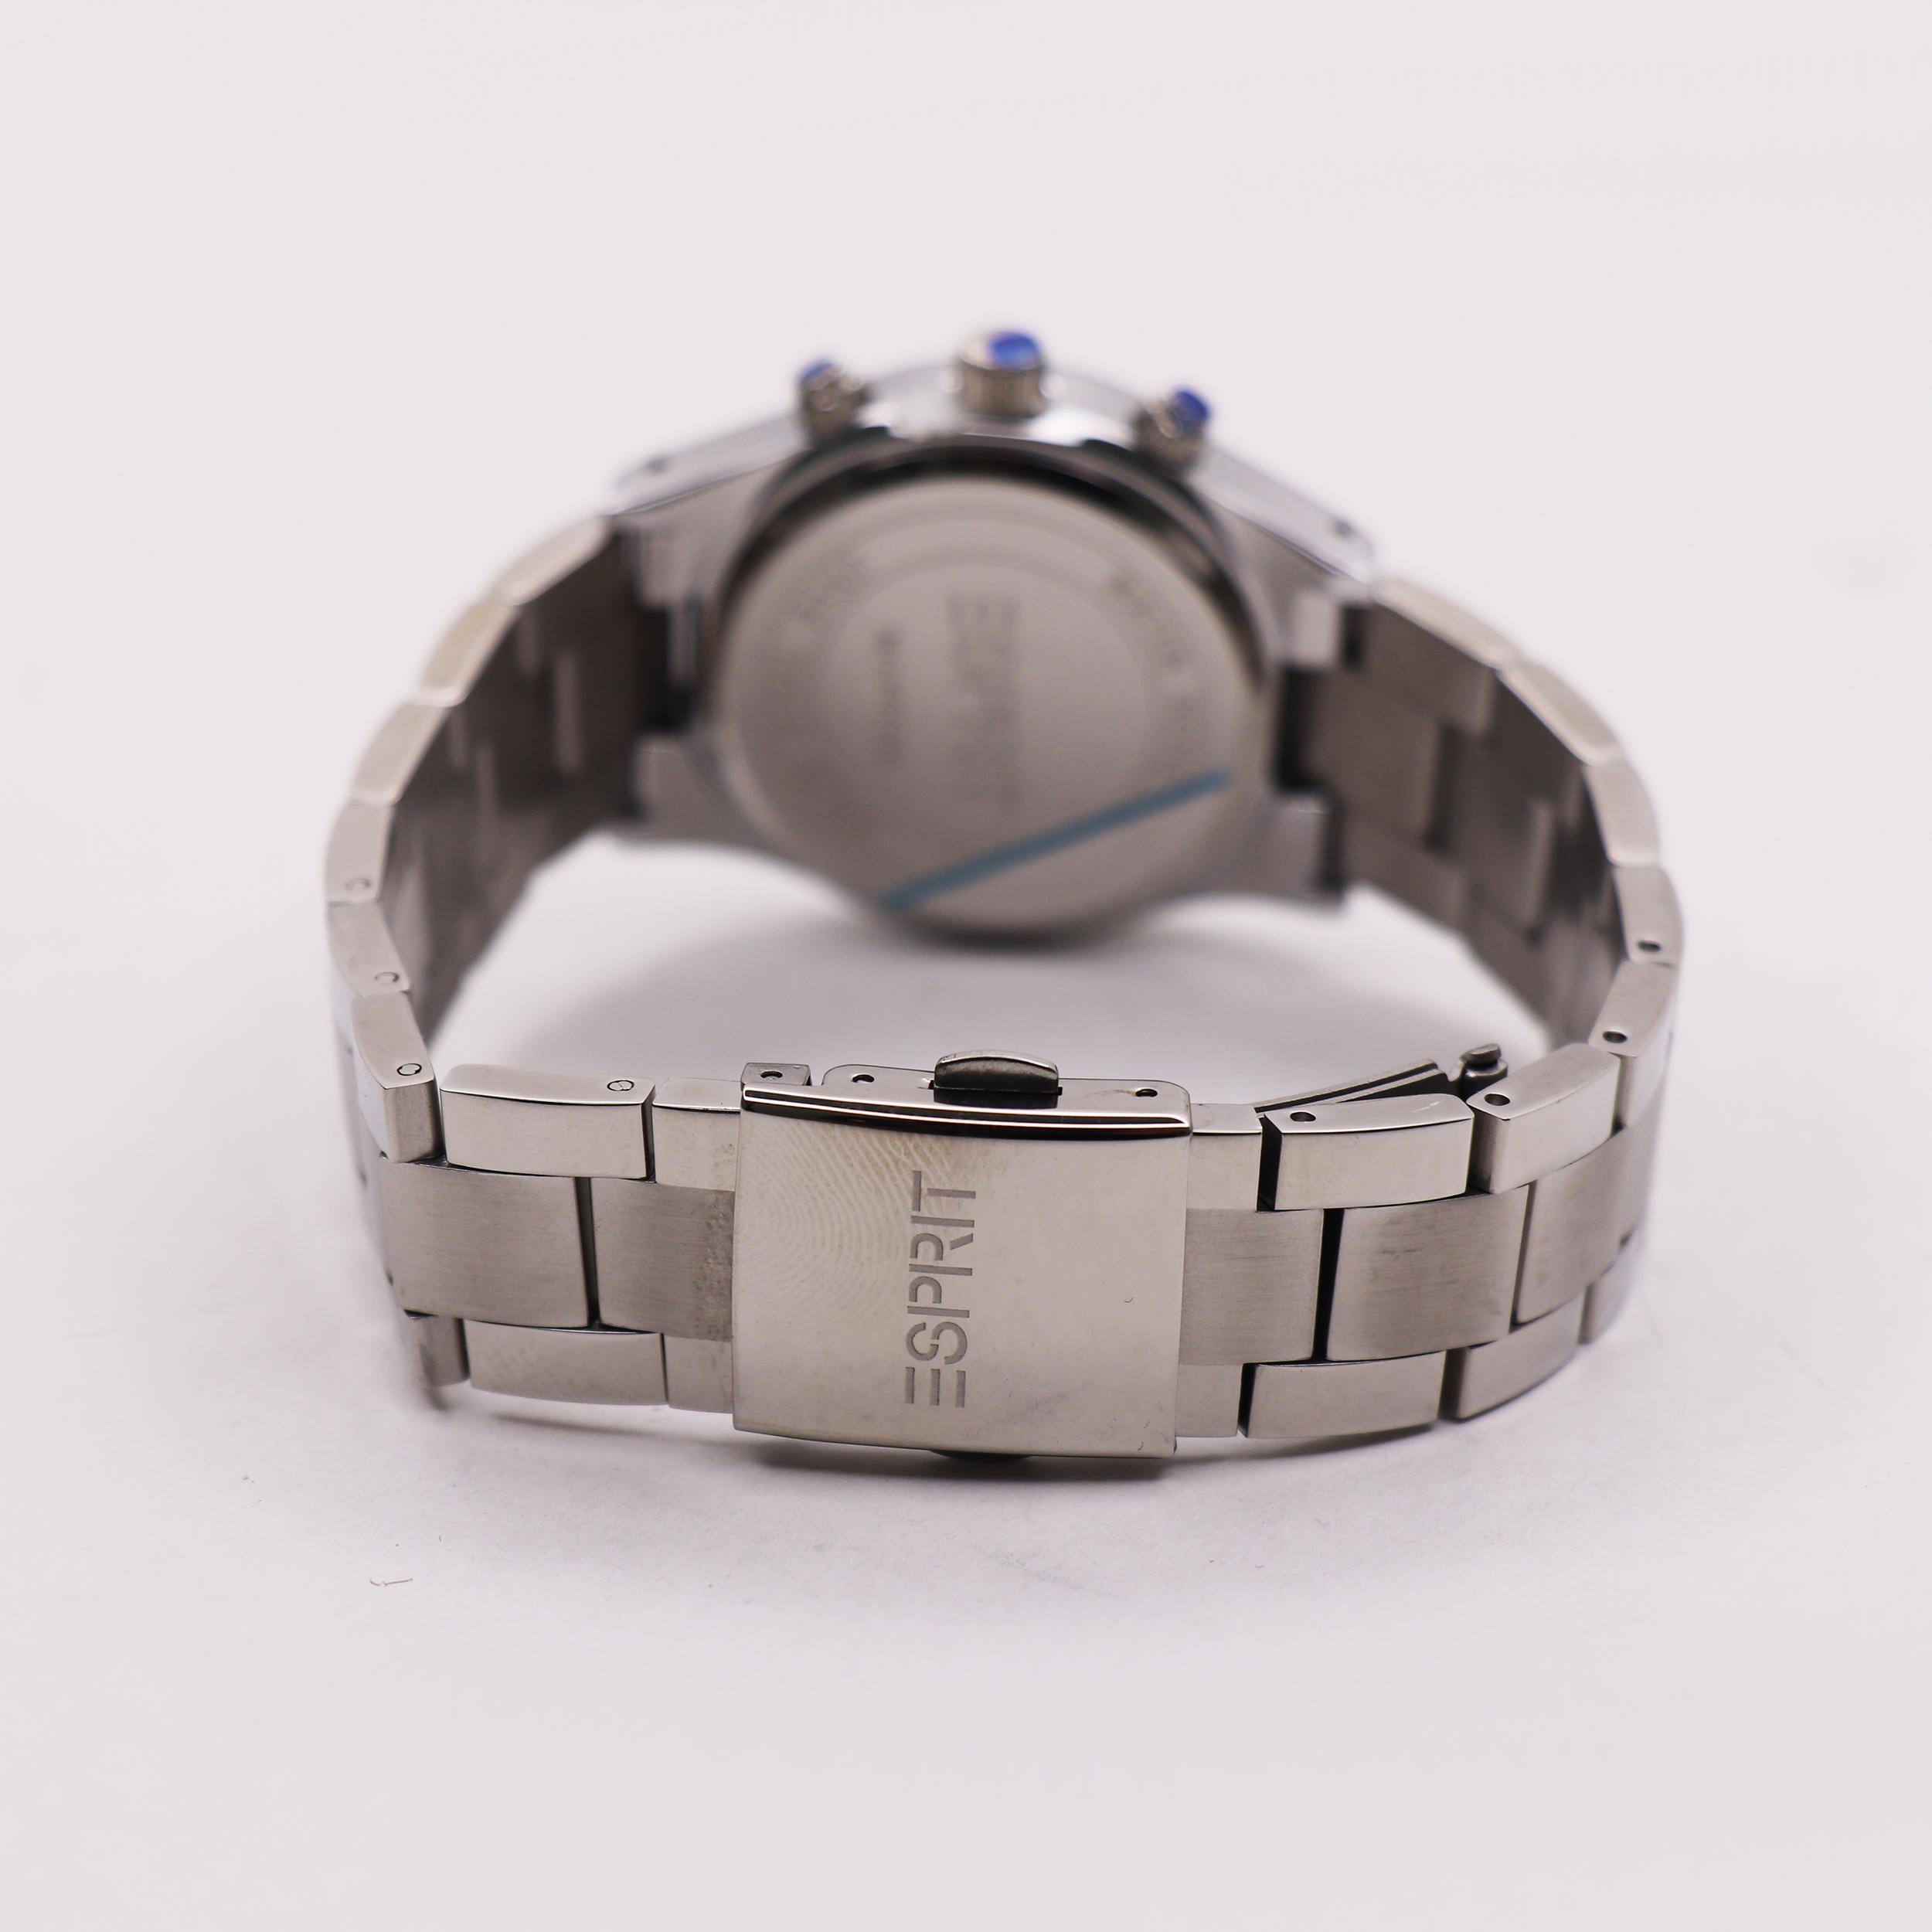 ست ساعت مچی عقربه ای زنانه و مردانه اسپریت مدل 98123